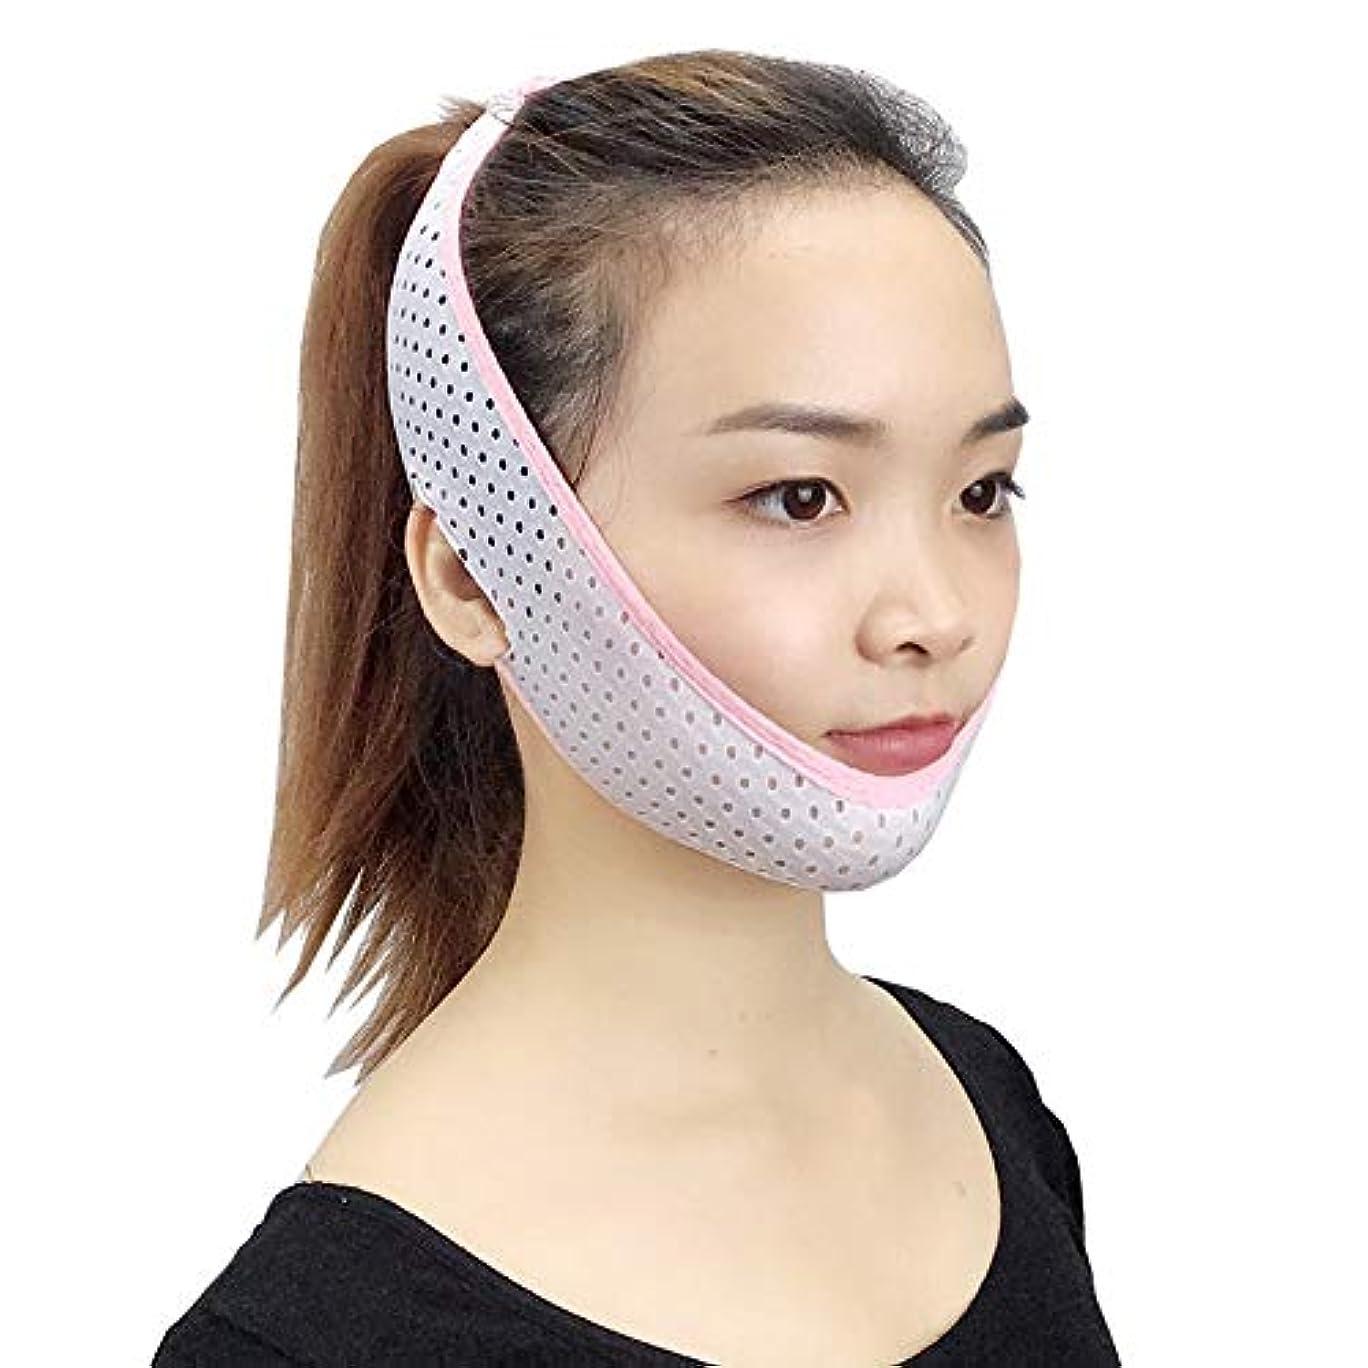 一口コンセンサスメルボルンZPSM 薄くて軽い 薄い顔、フィジカルフェイスリフト二重あごのリフトフェイスファーミングアンチリンクルたるみ顔の筋肉を改善し、2つのスタイル (Color : B)